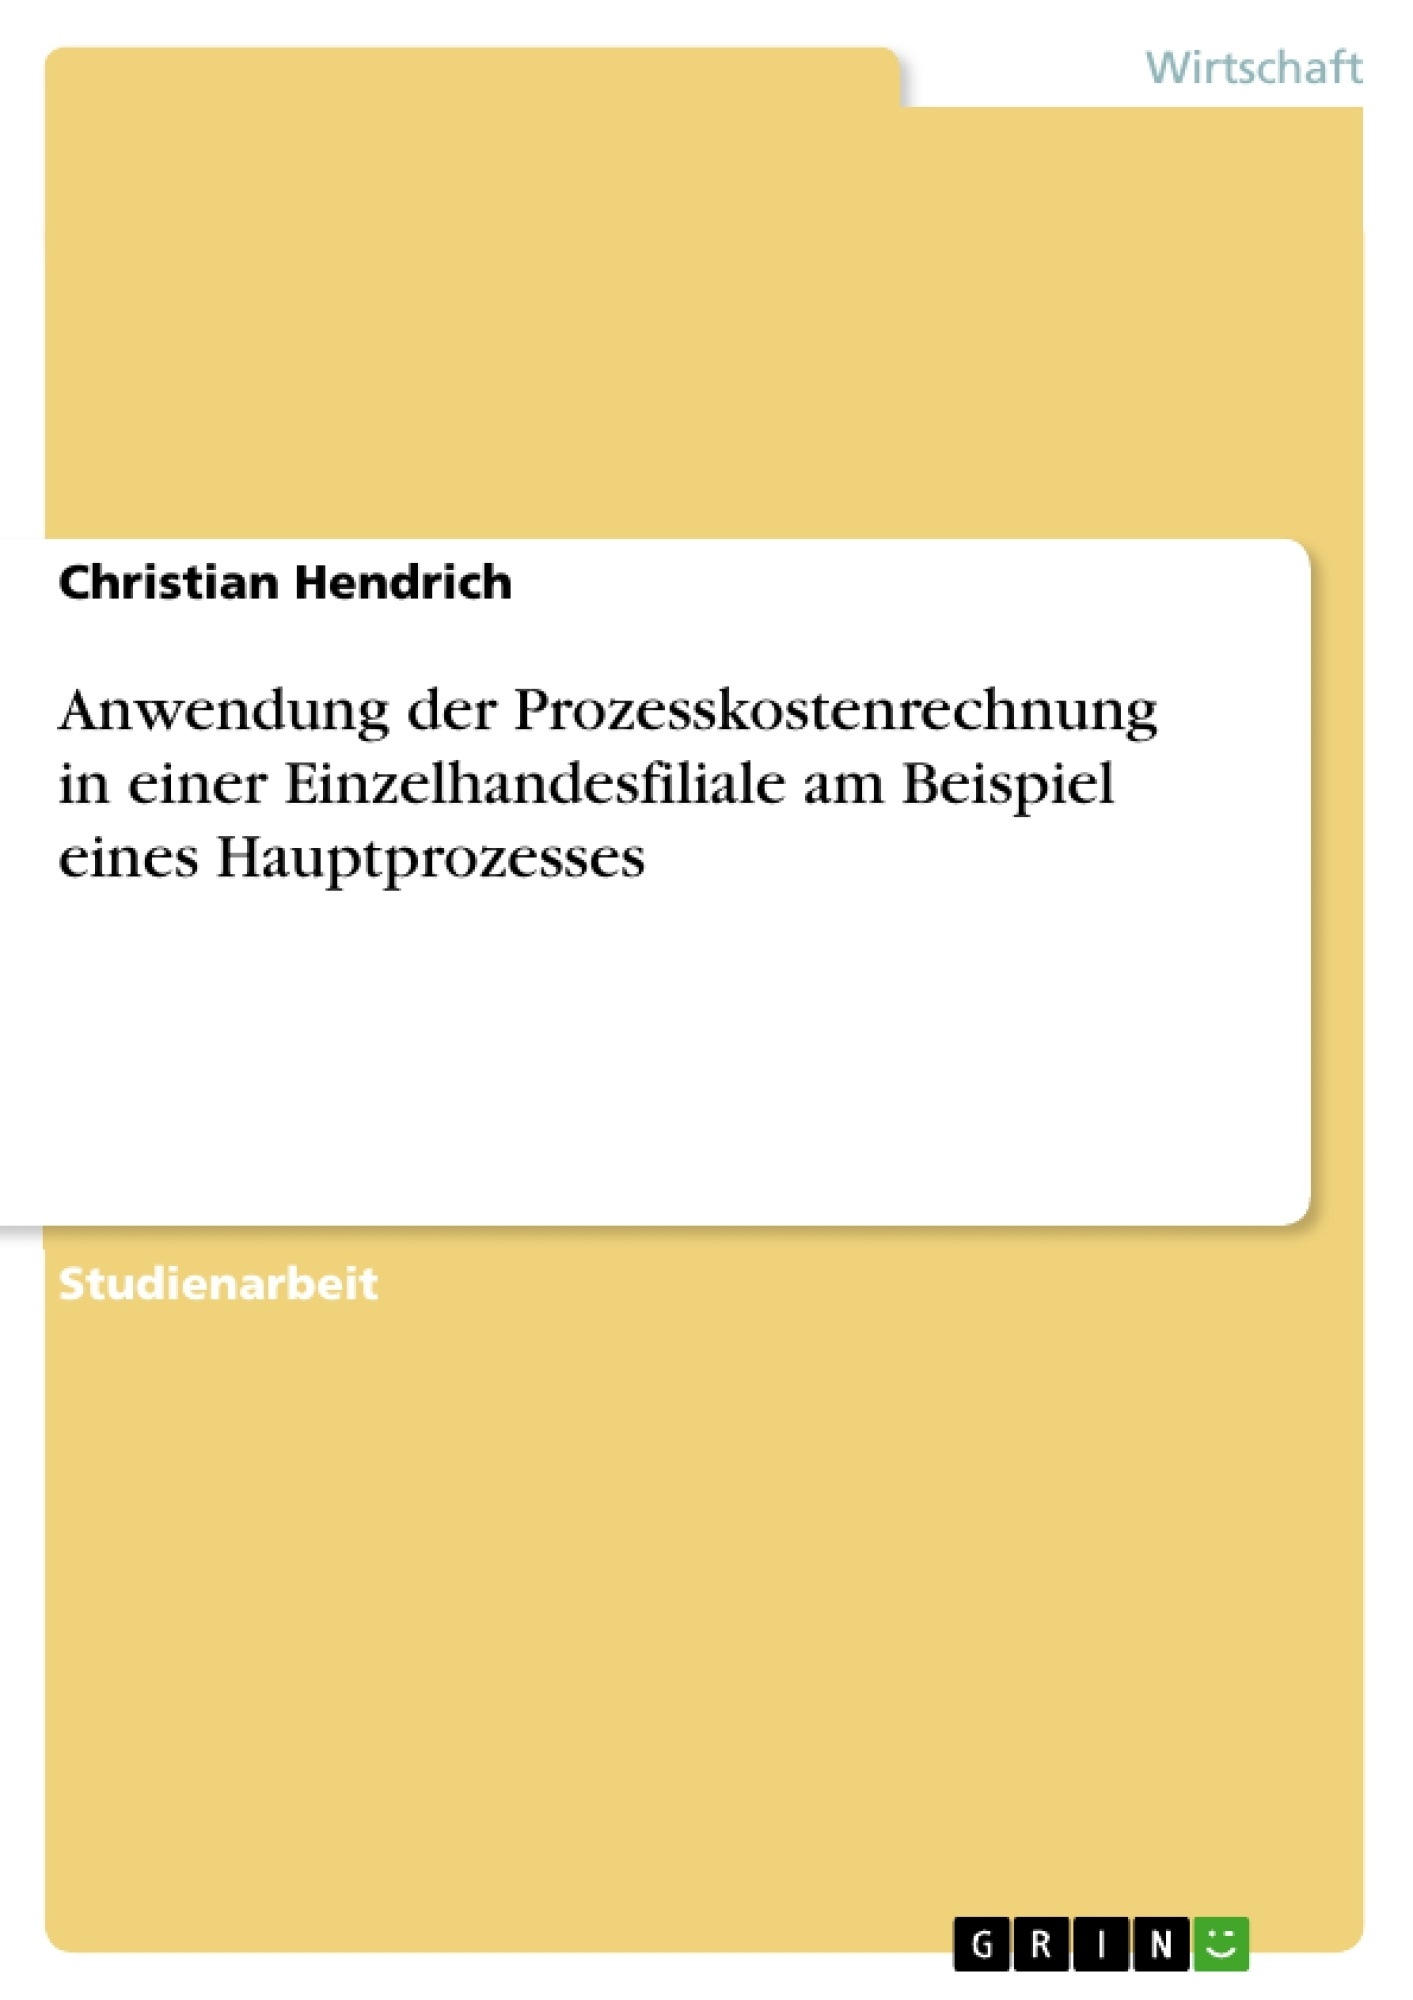 Titel: Anwendung der Prozesskostenrechnung in einer Einzelhandesfiliale am Beispiel eines Hauptprozesses